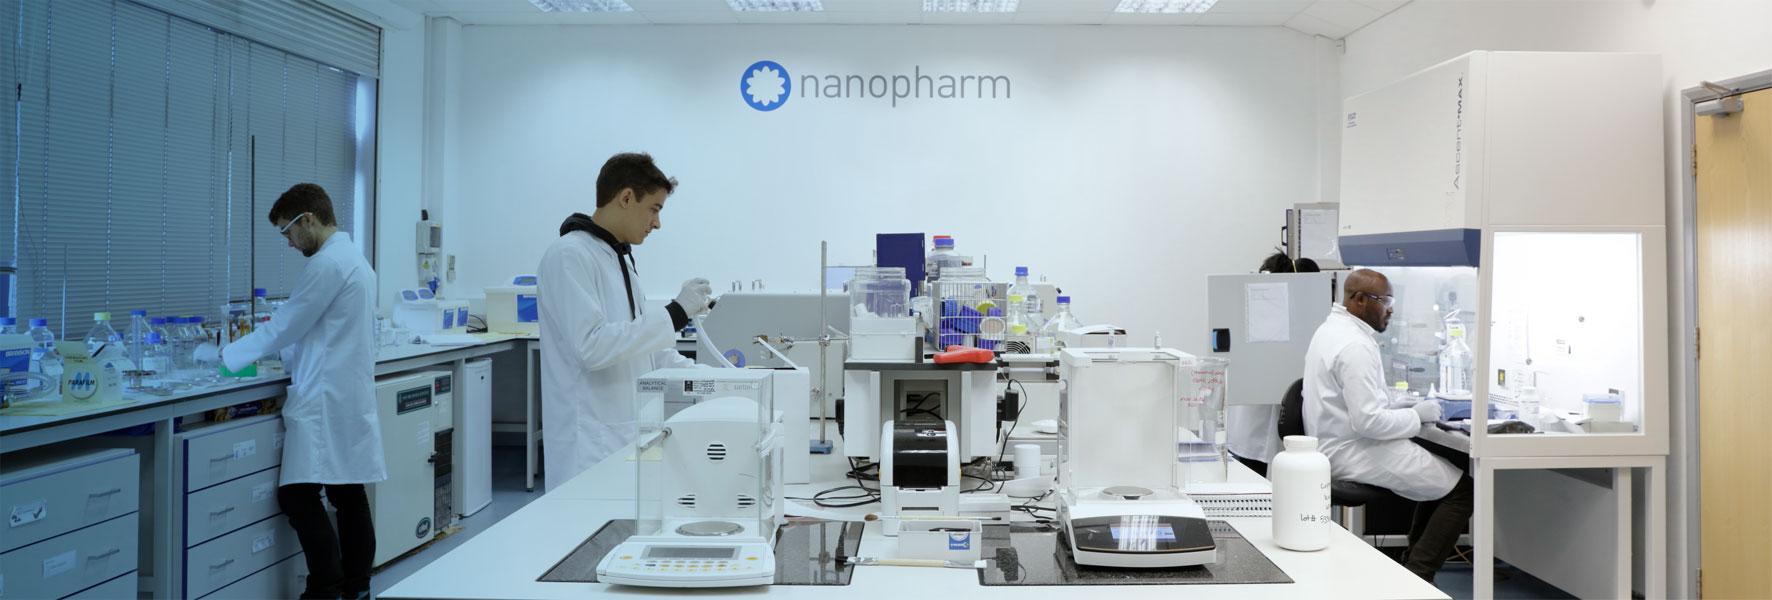 Nanopharm, Nanopharm